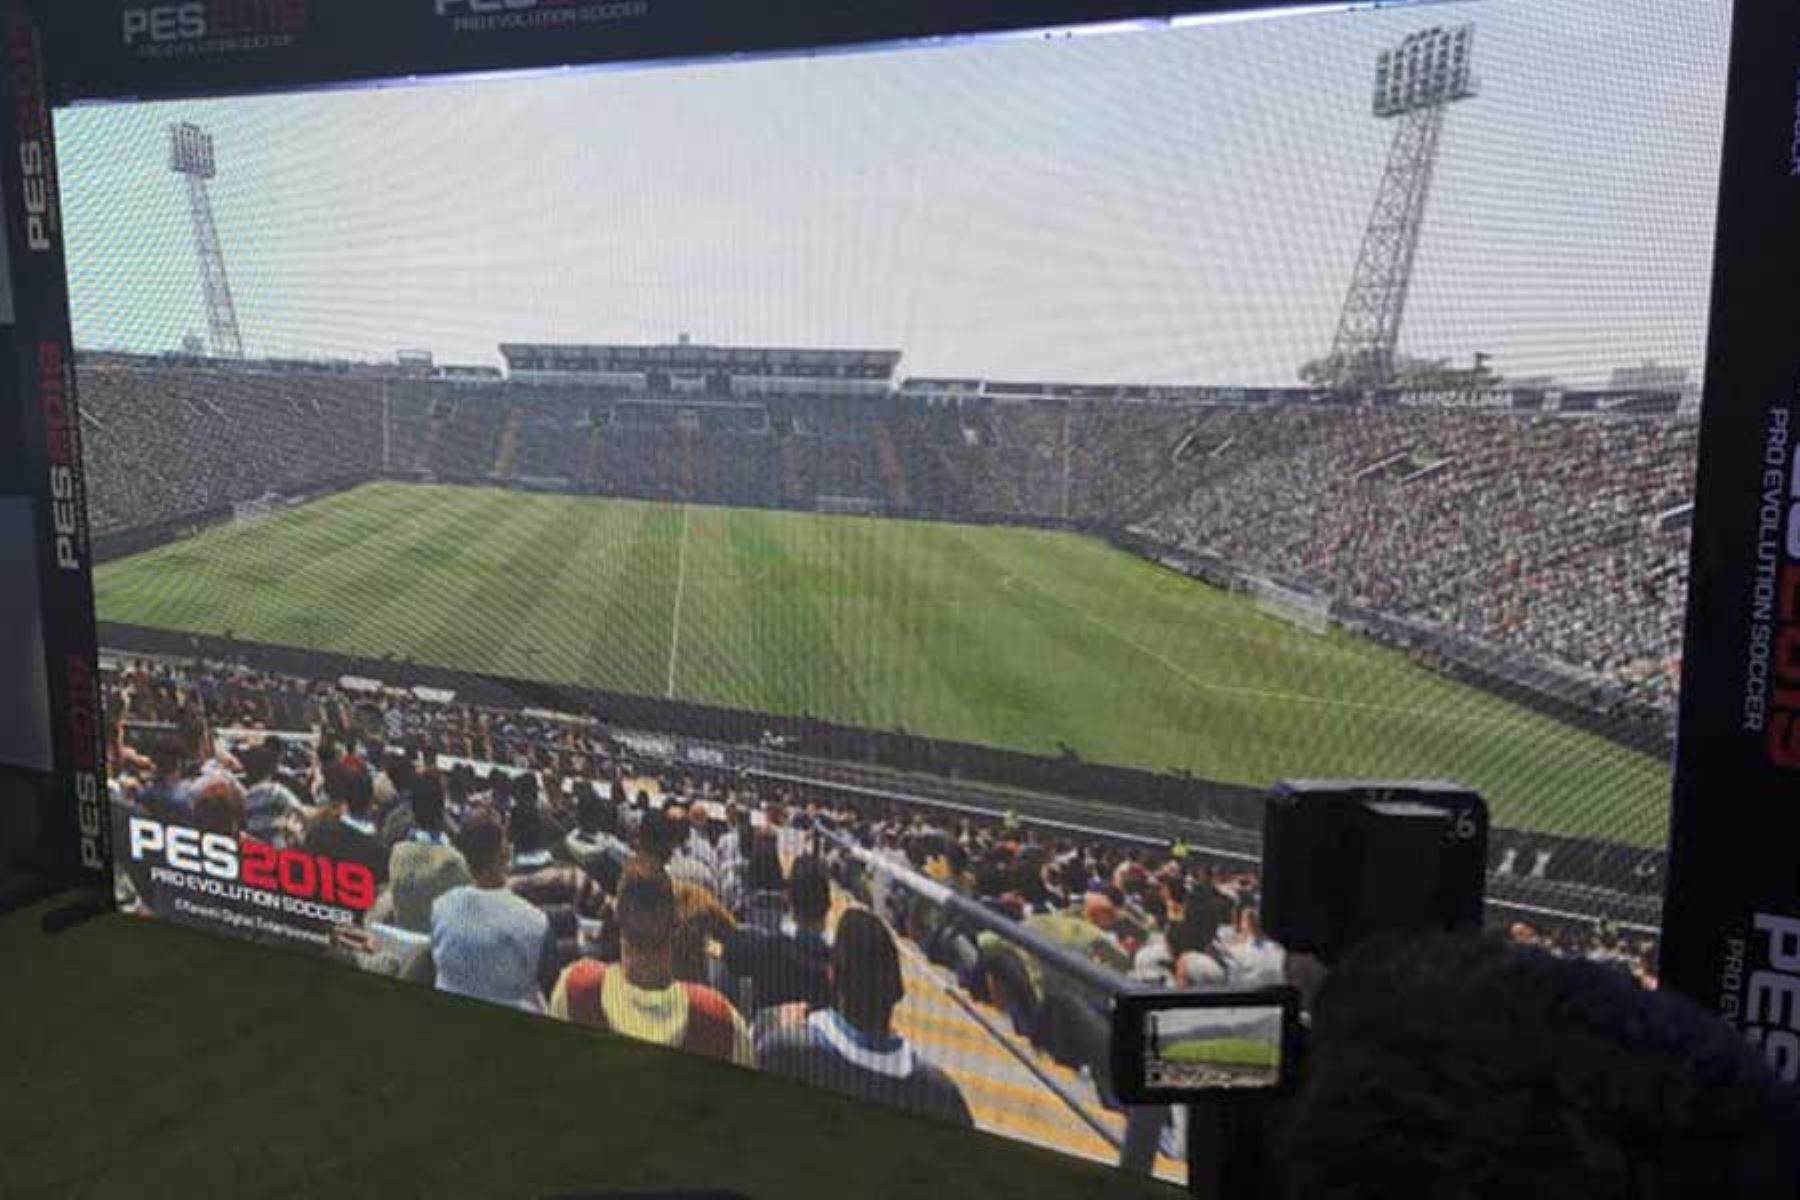 El videojuego PES 2019 incluirá a los futbolistas de la selección peruana